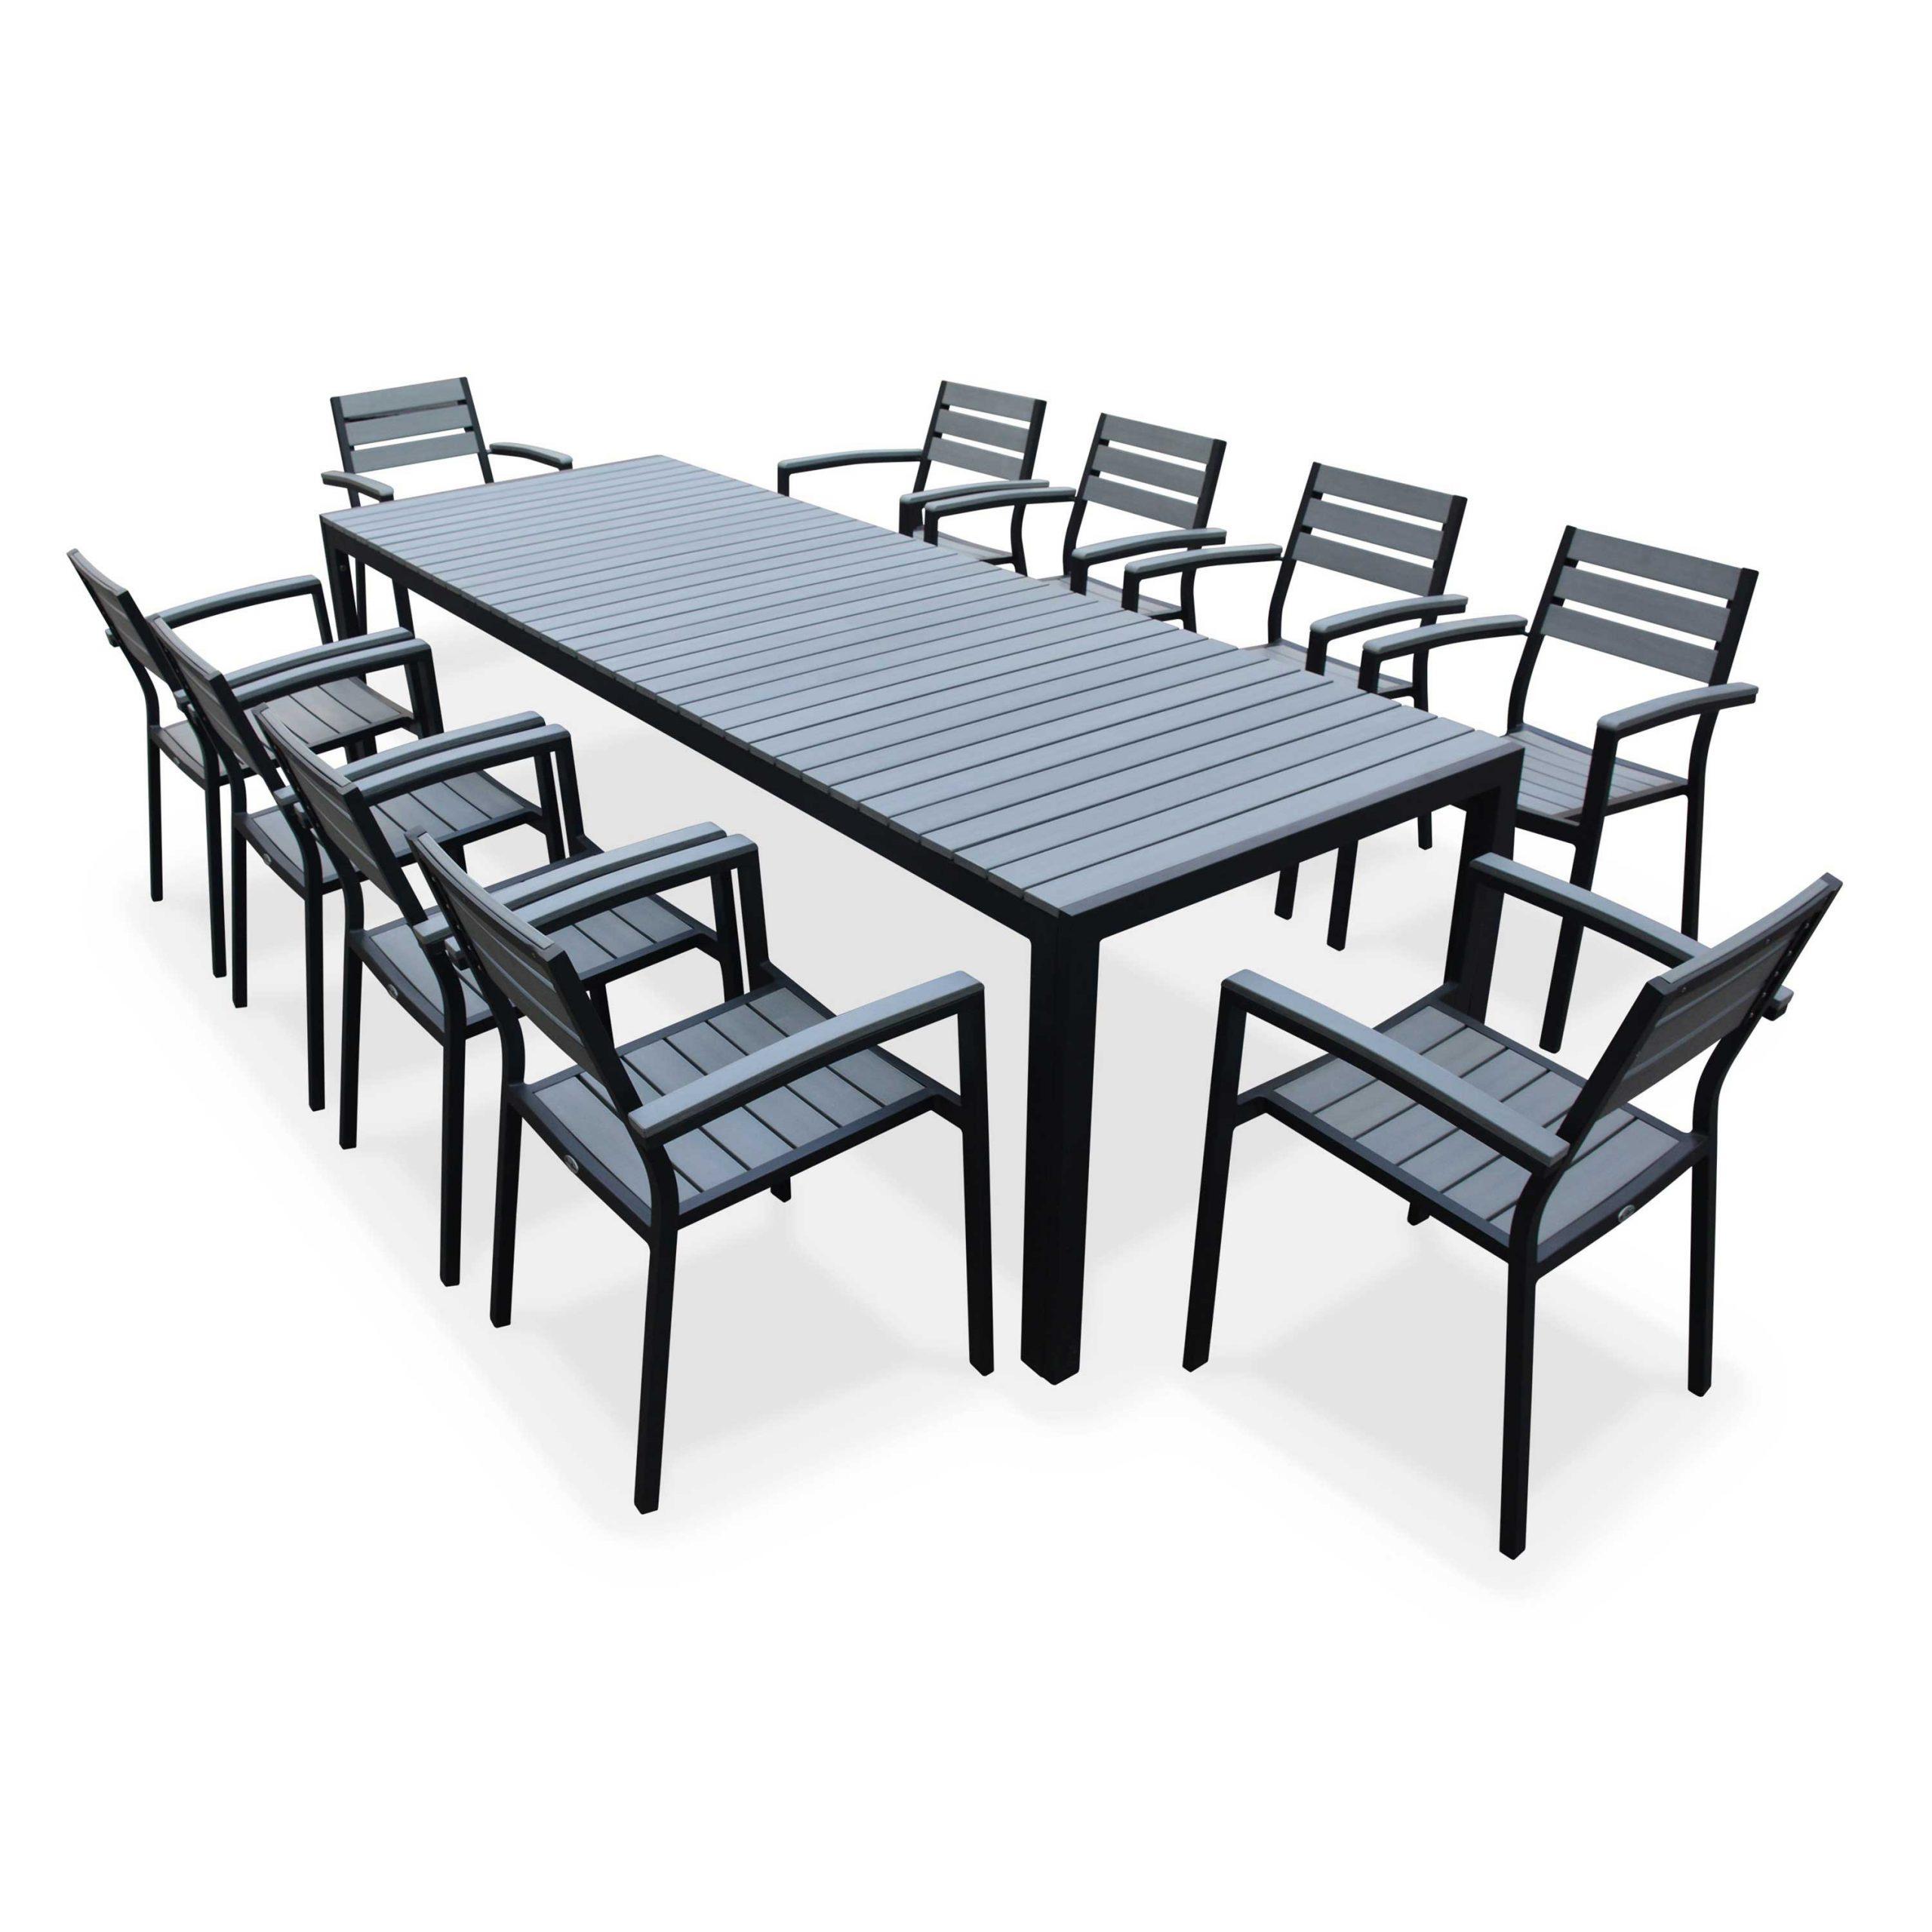 Table De 10 Jardin Personnes Castorama Rocqdxewb intérieur Salon Jardin Aluminium Castorama